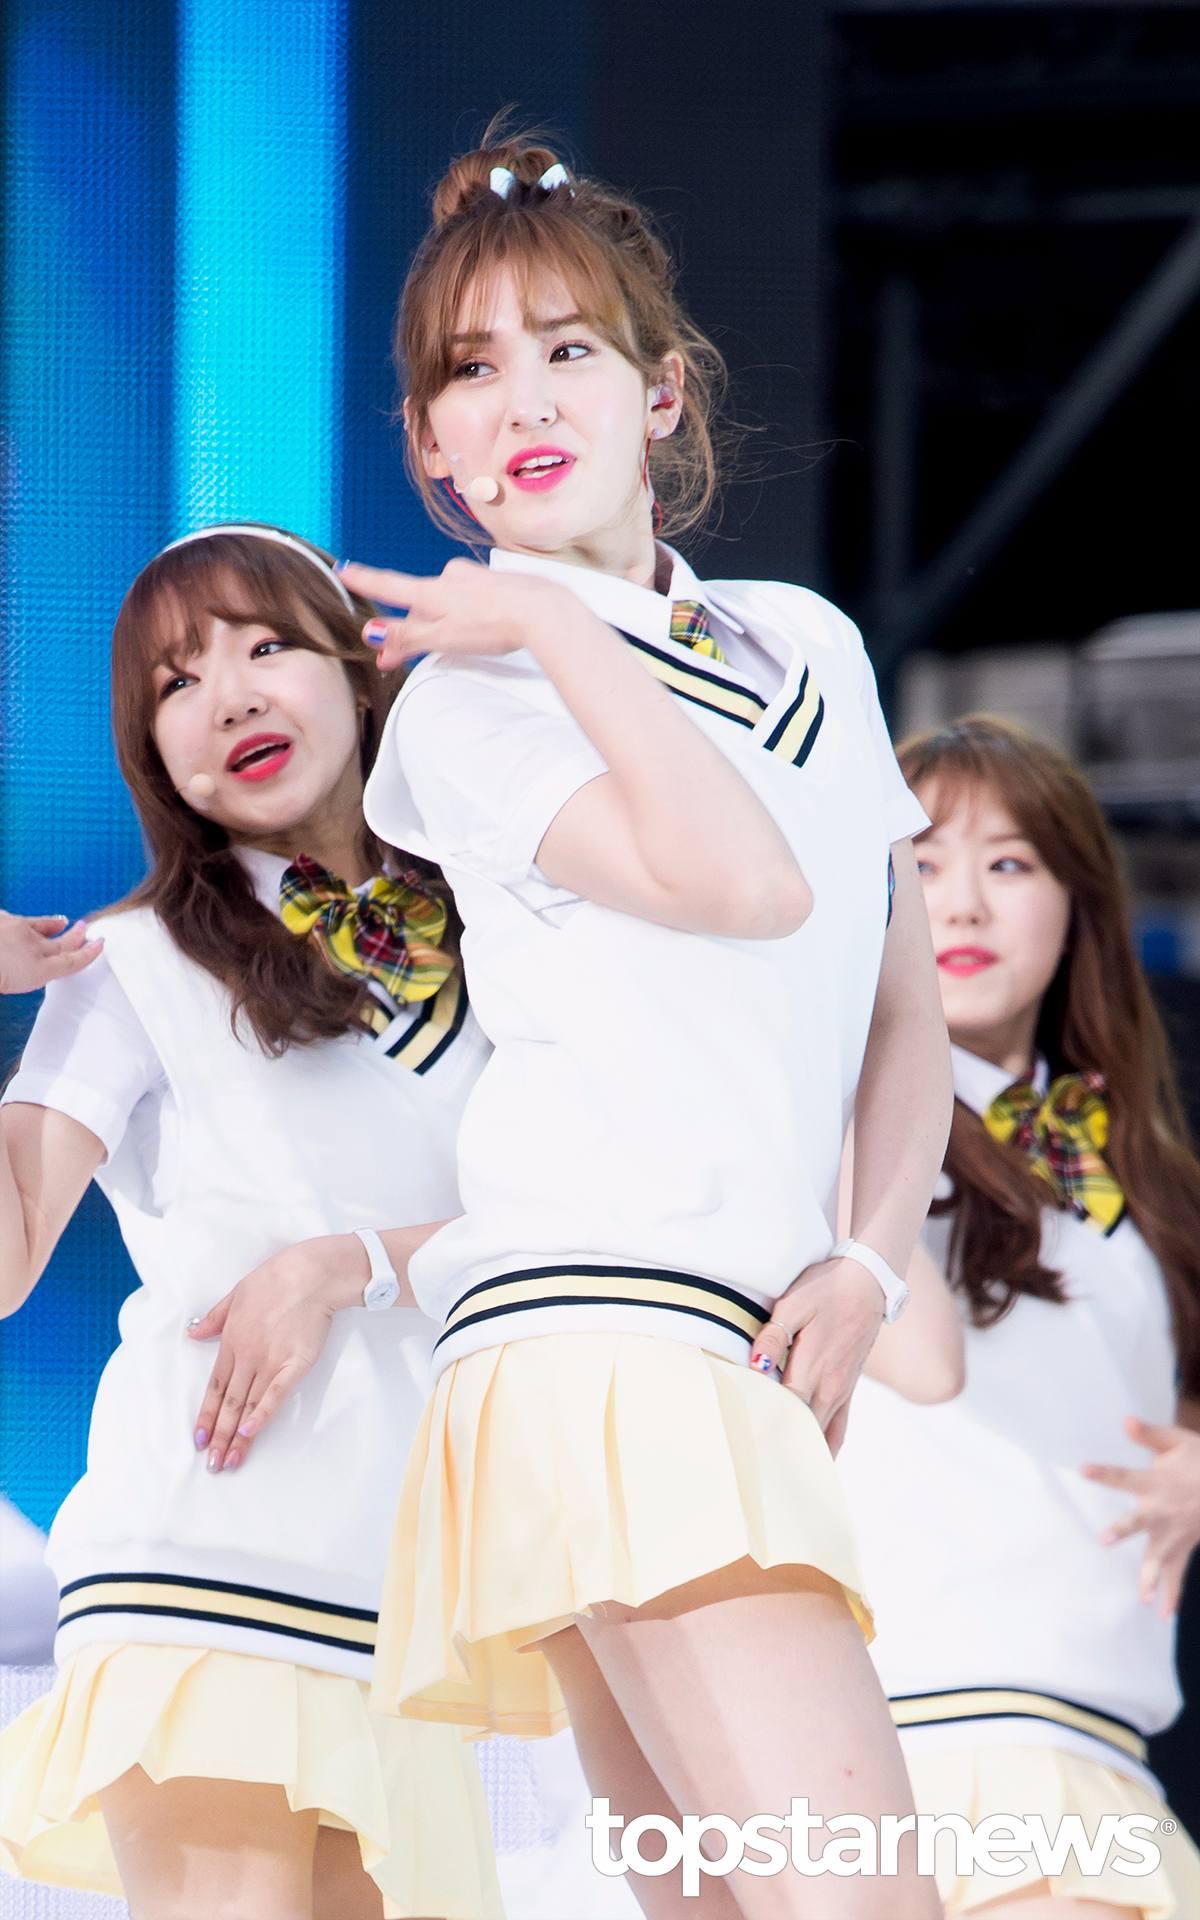 青春可愛形象深植人心的Somi,出演了不少綜藝節目,人氣也越來越旺!